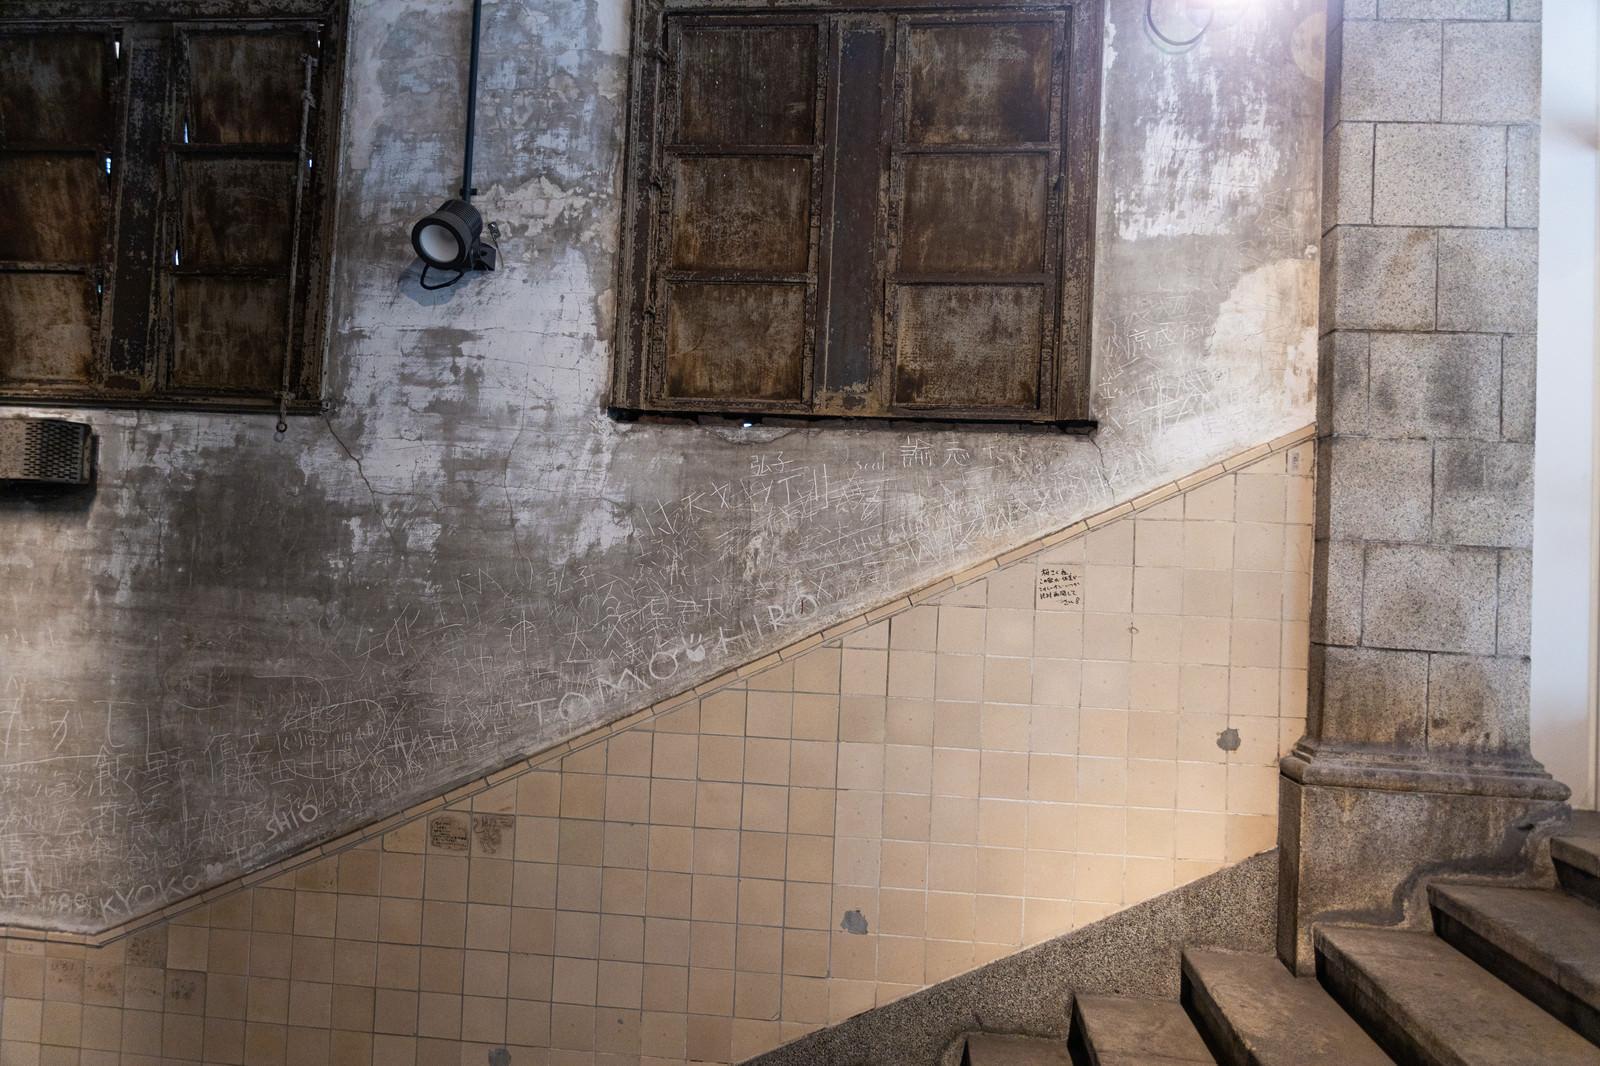 「旧博物館動物園駅の閉まった窓と壁の落書き」の写真